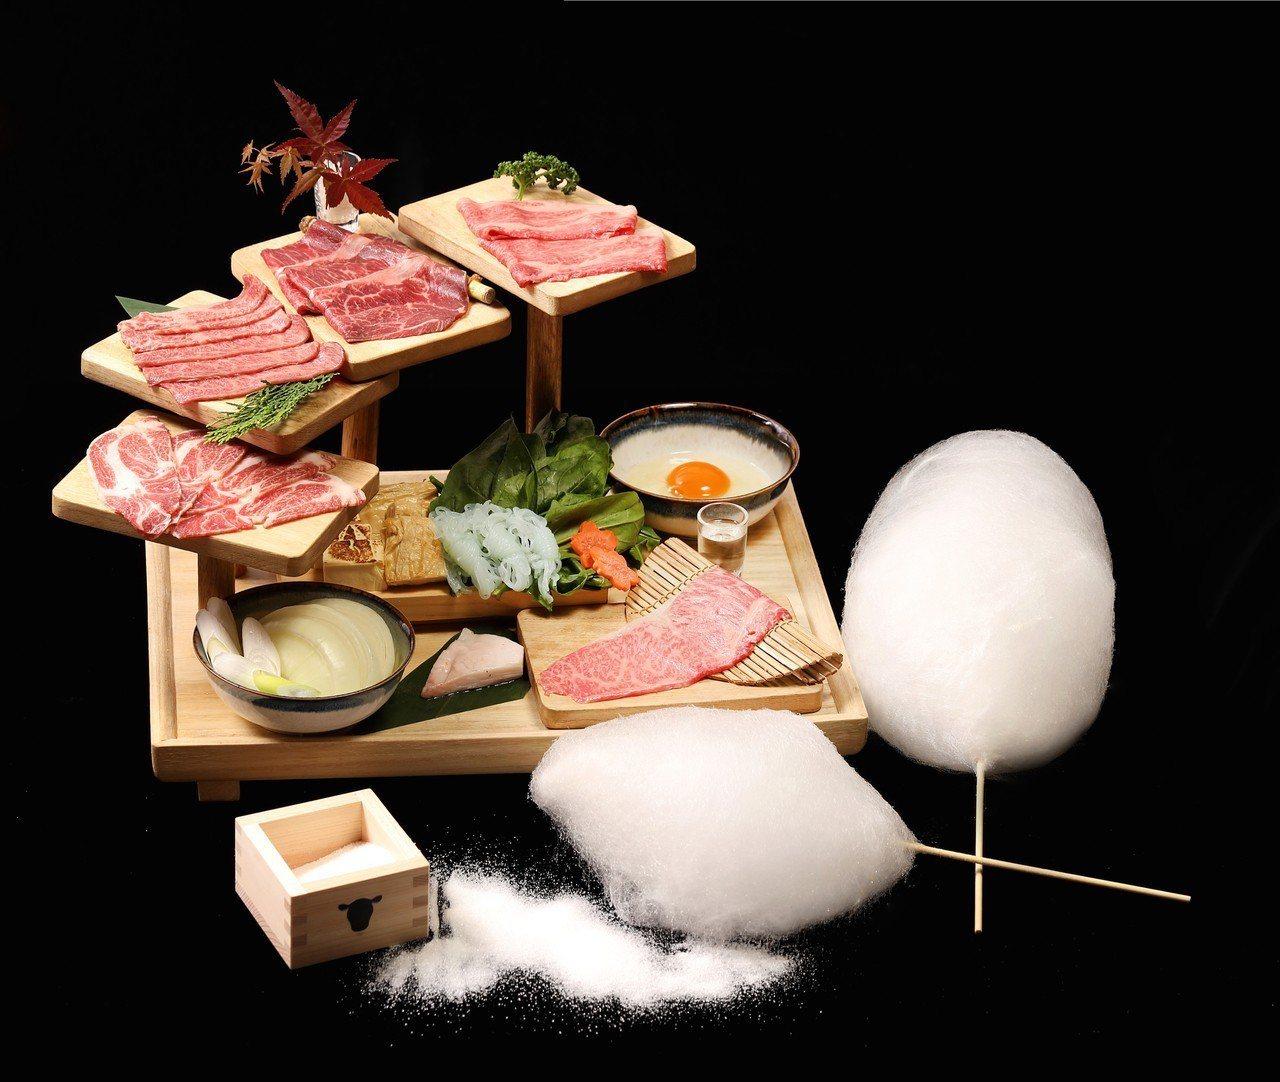 樂軒松阪亭新推出「棉花糖和牛壽喜燒」,可品嚐到250g的肉品,每套1,480元。...